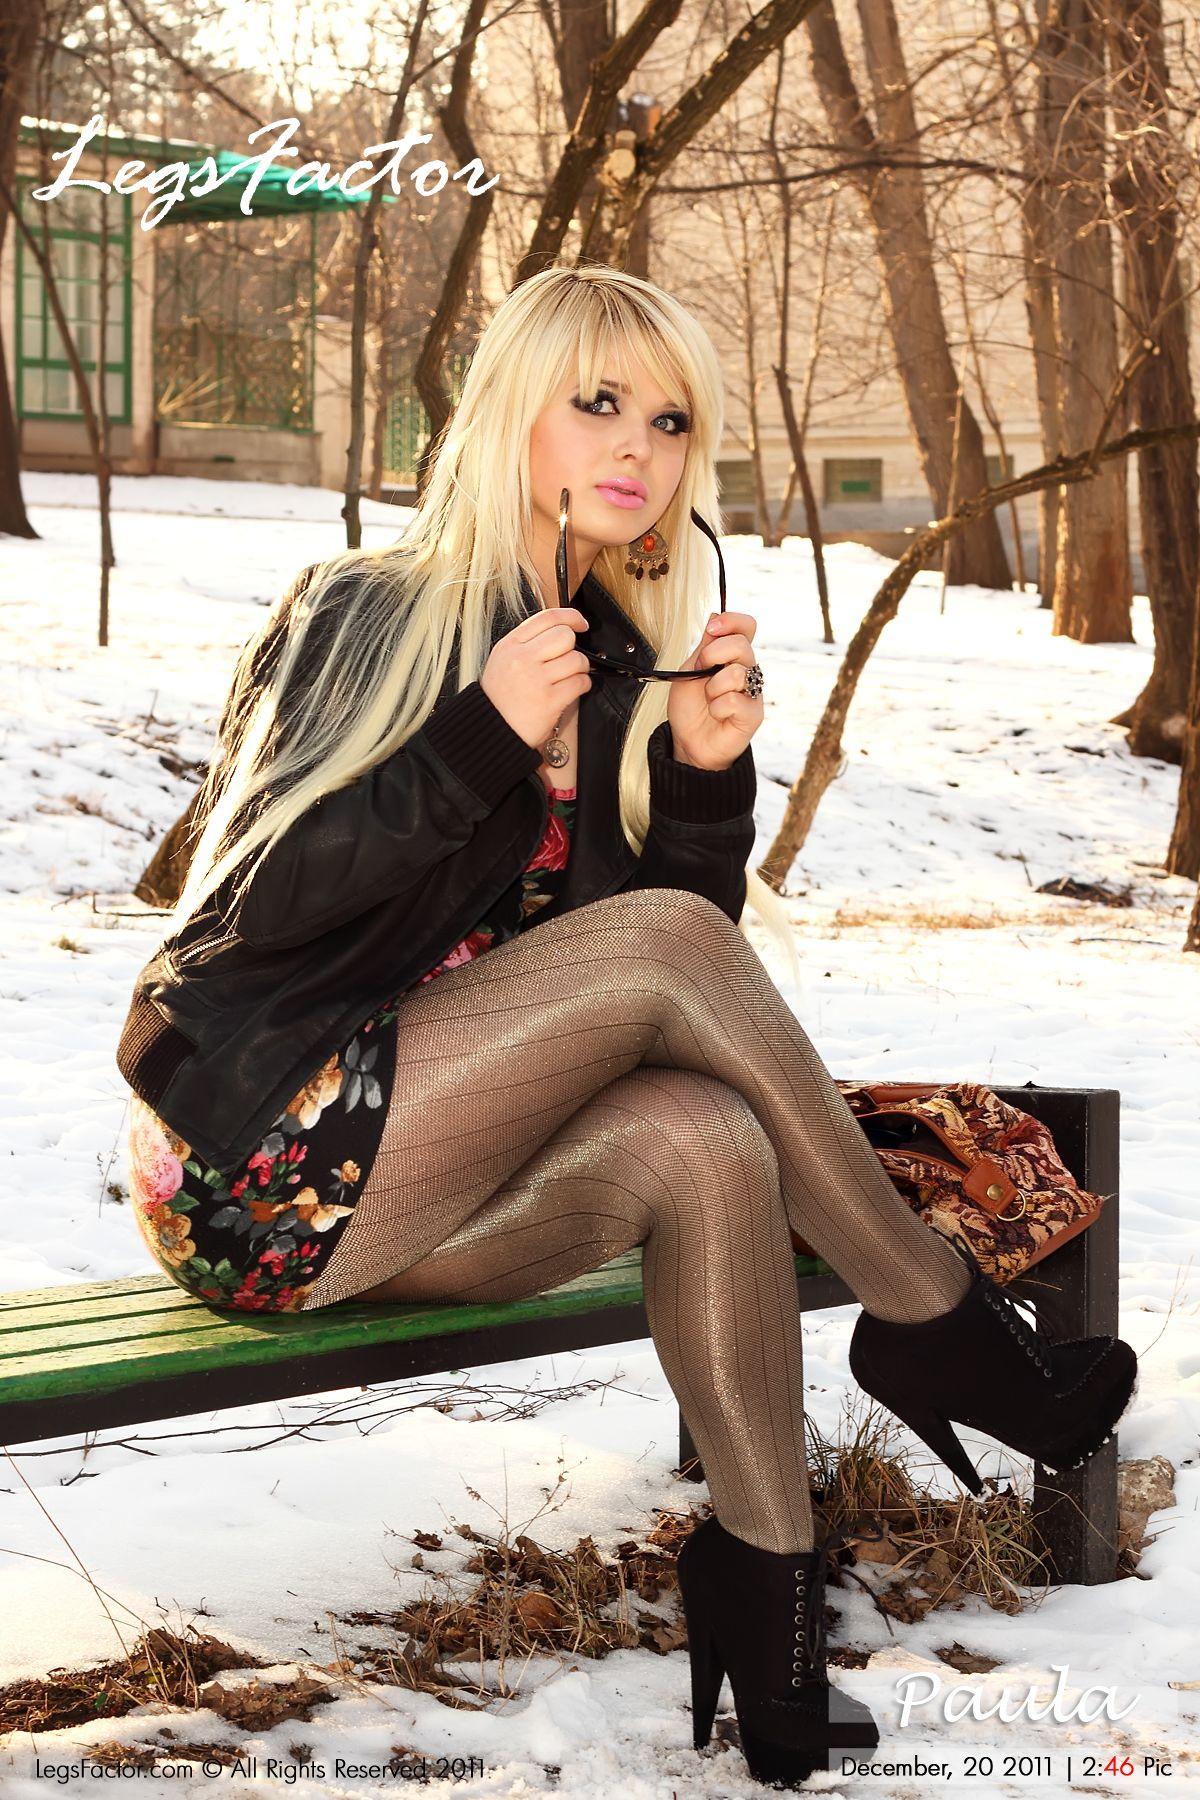 glatzkopf fickt blondes teenie girl